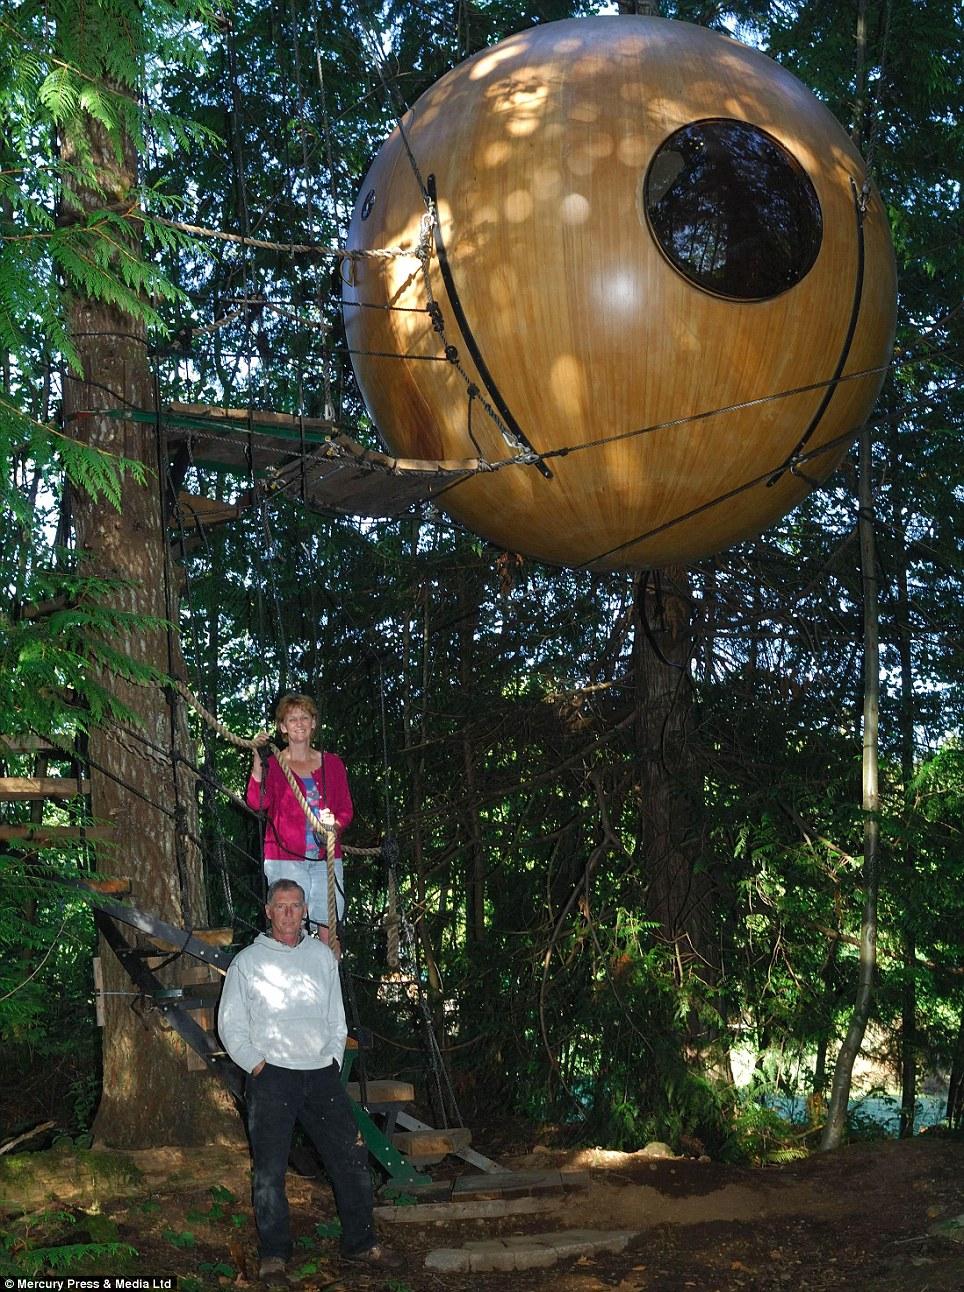 Estancia Treetop: Las impresionantes orbes tomar hasta tres años para terminar y son cuidadosamente elaborado por la mano en un taller de Canadá, que es el único fabricante en el mundo para crearlos